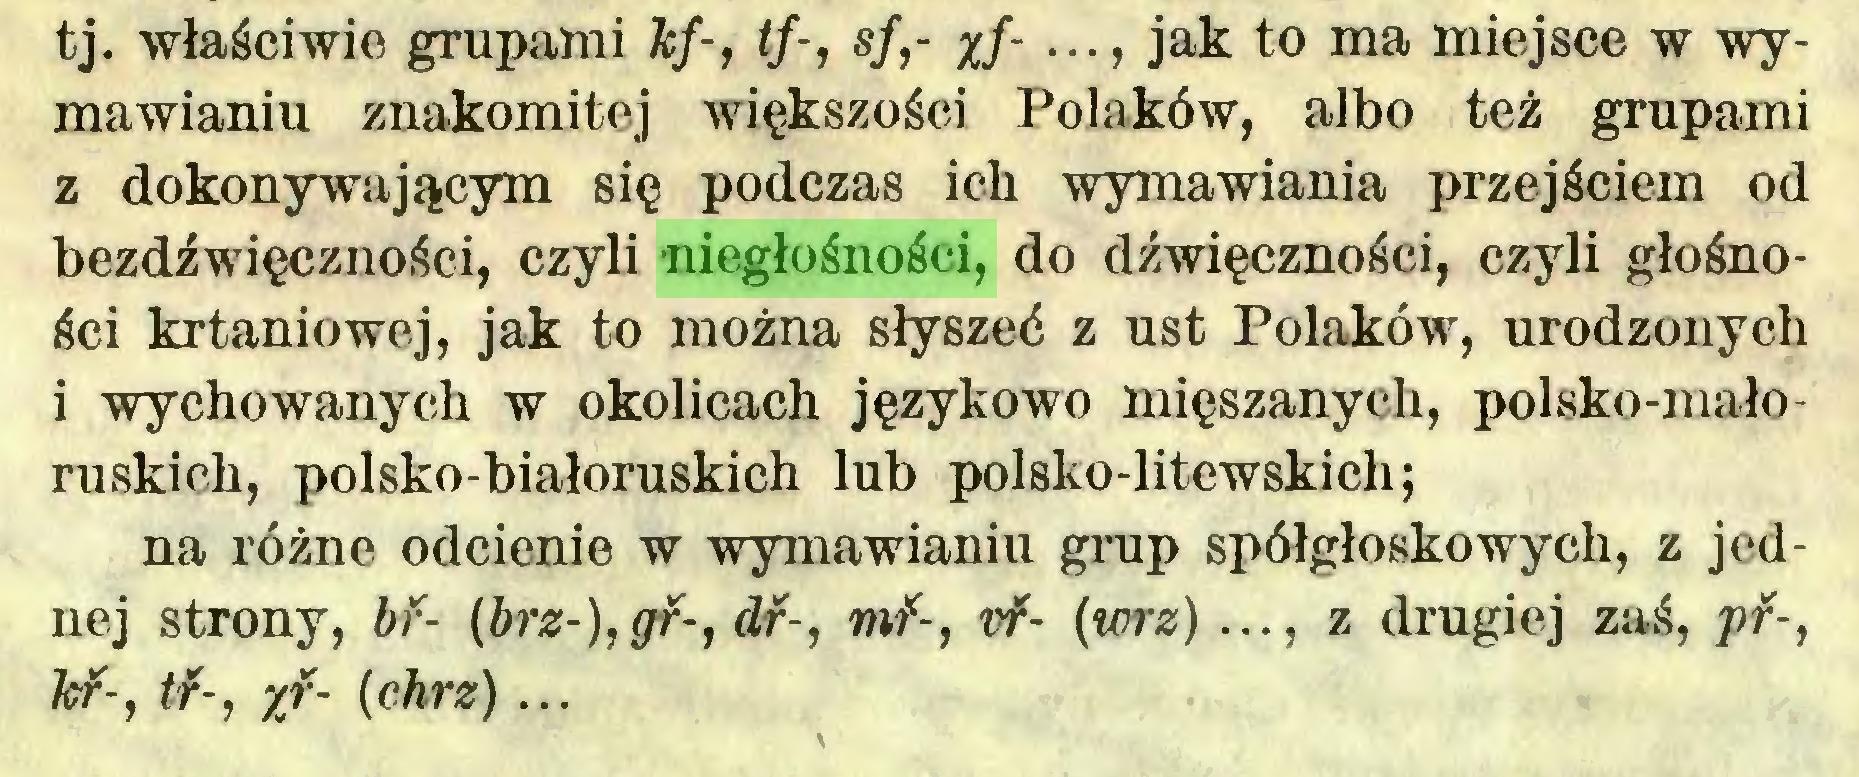 (...) tj. właściwie grupami kf-, tf-, sf,- %f- ••• > jak to ma miejsce w wymawianiu znakomitej większości Polaków, albo też grupami z dokonywającym się podczas ich wymawiania przejściem od bezdźwięczności, czyli niegłośności, do dźwięczności, czyli głośności krtaniowej, jak to można słyszeć z ust Polaków, urodzonych i wychowanych w okolicach językowo mięszanycli, polsko-małoruskich, polsko-białoruskich lub polsko-litewskich; na różno odcienie w wymawianiu grup spółgłoskowych, z jednej strony, bf- (brz-),gf-, dr-, mf-, vf- (wrz) ..., z drugiej zaś, pf-, kf-, tf-, xf- (chrz) ...